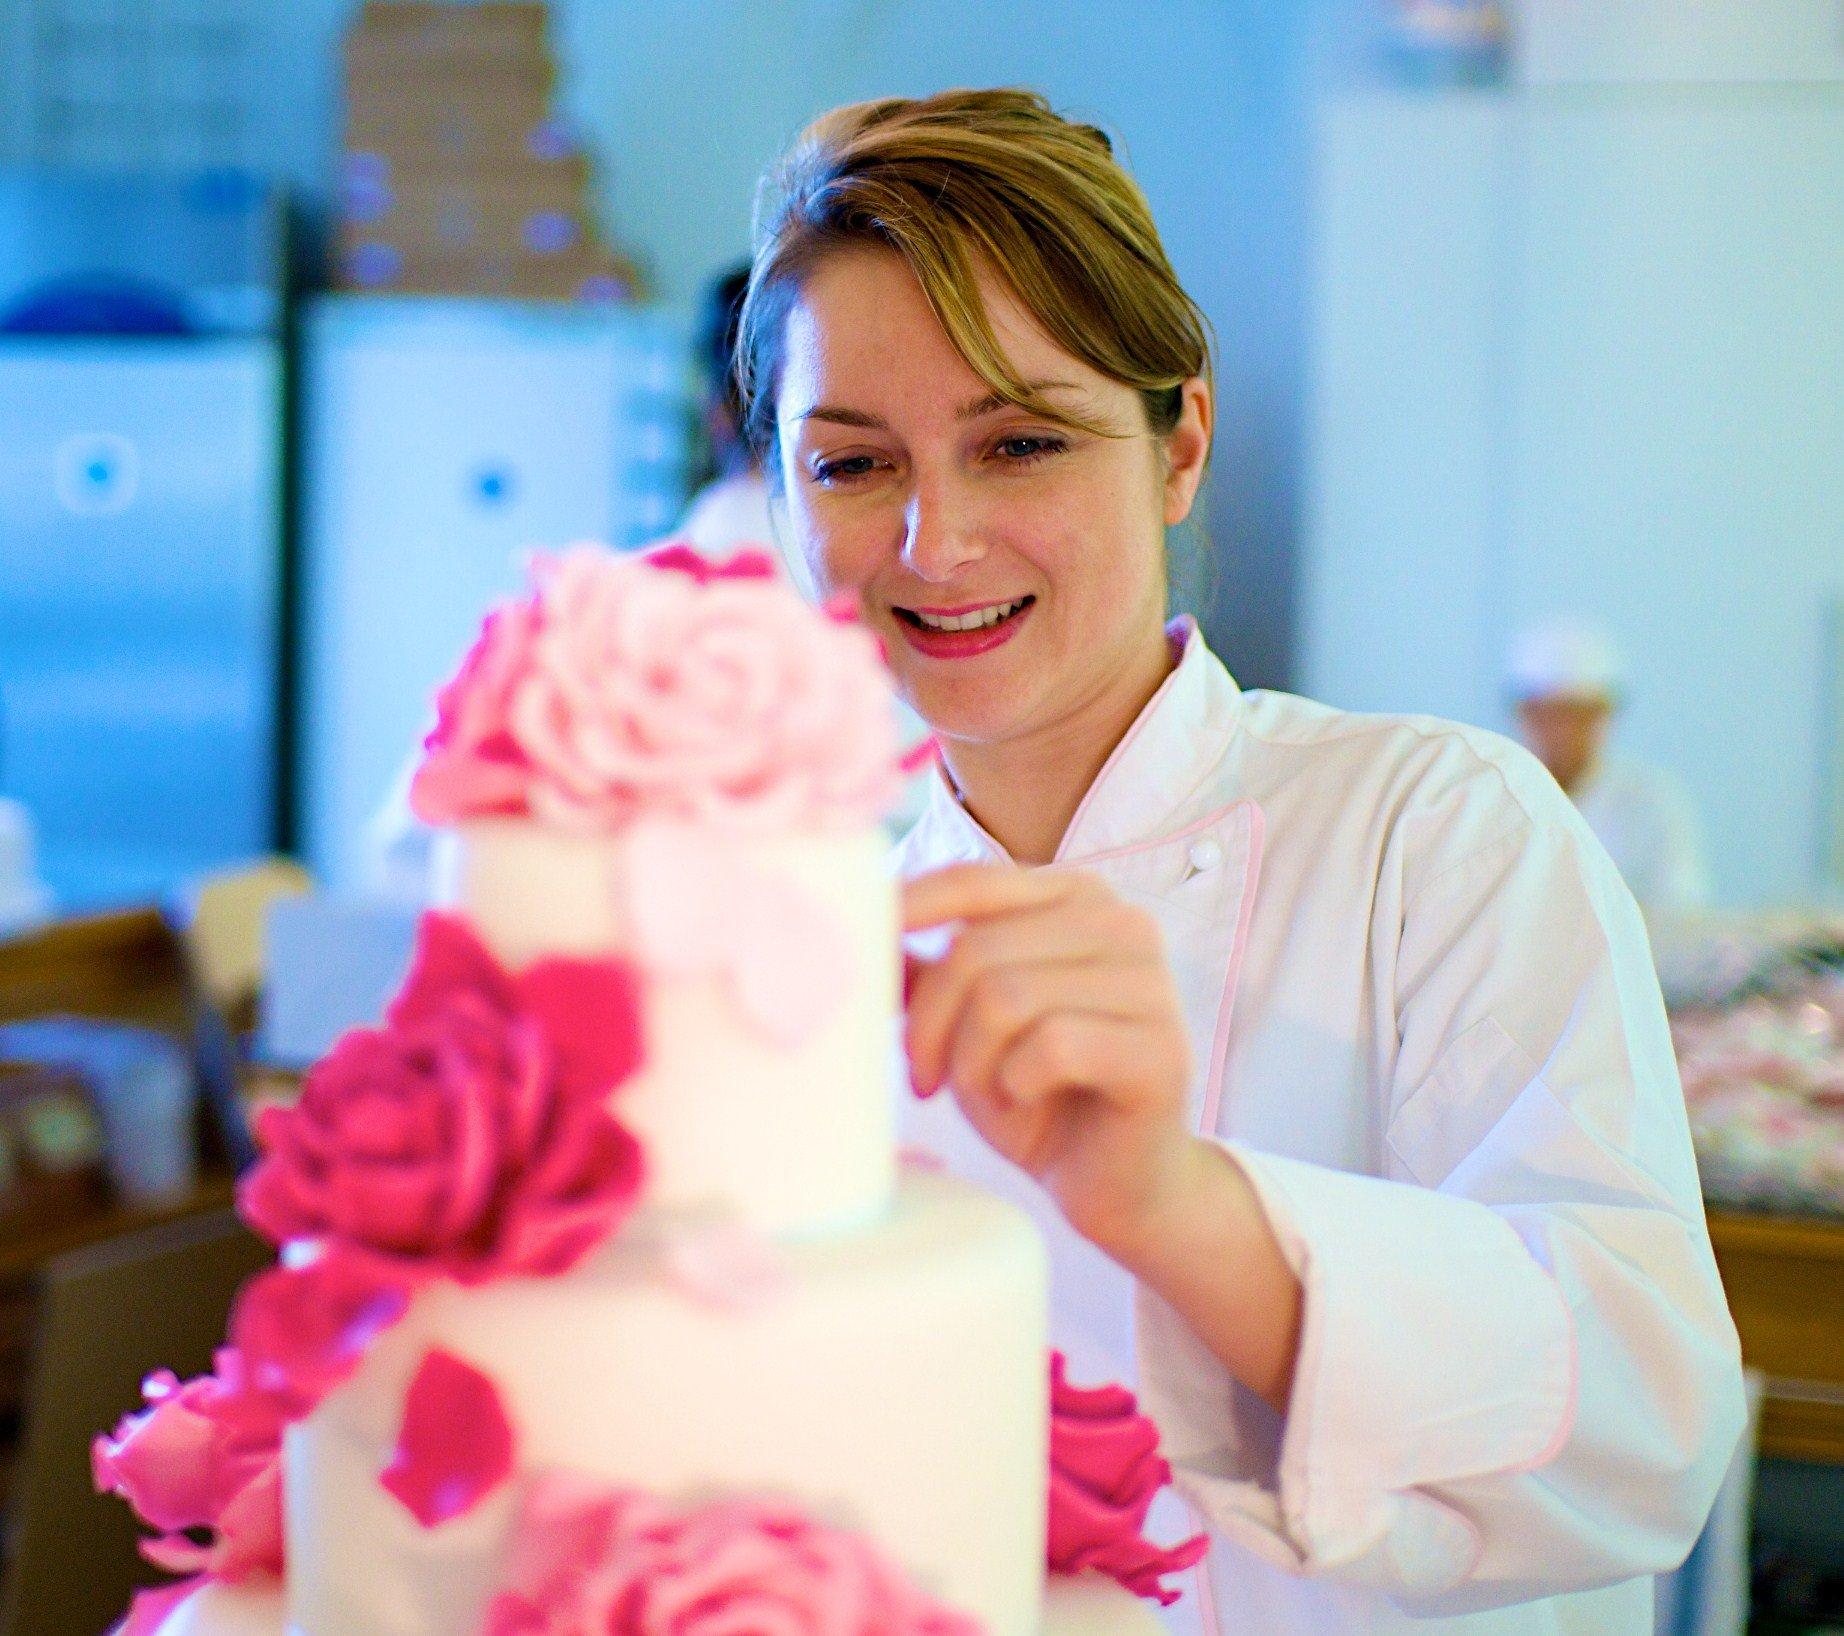 Le Cordon Bleu London Alumni: Peggy Porschen, queen of Cake Decorating